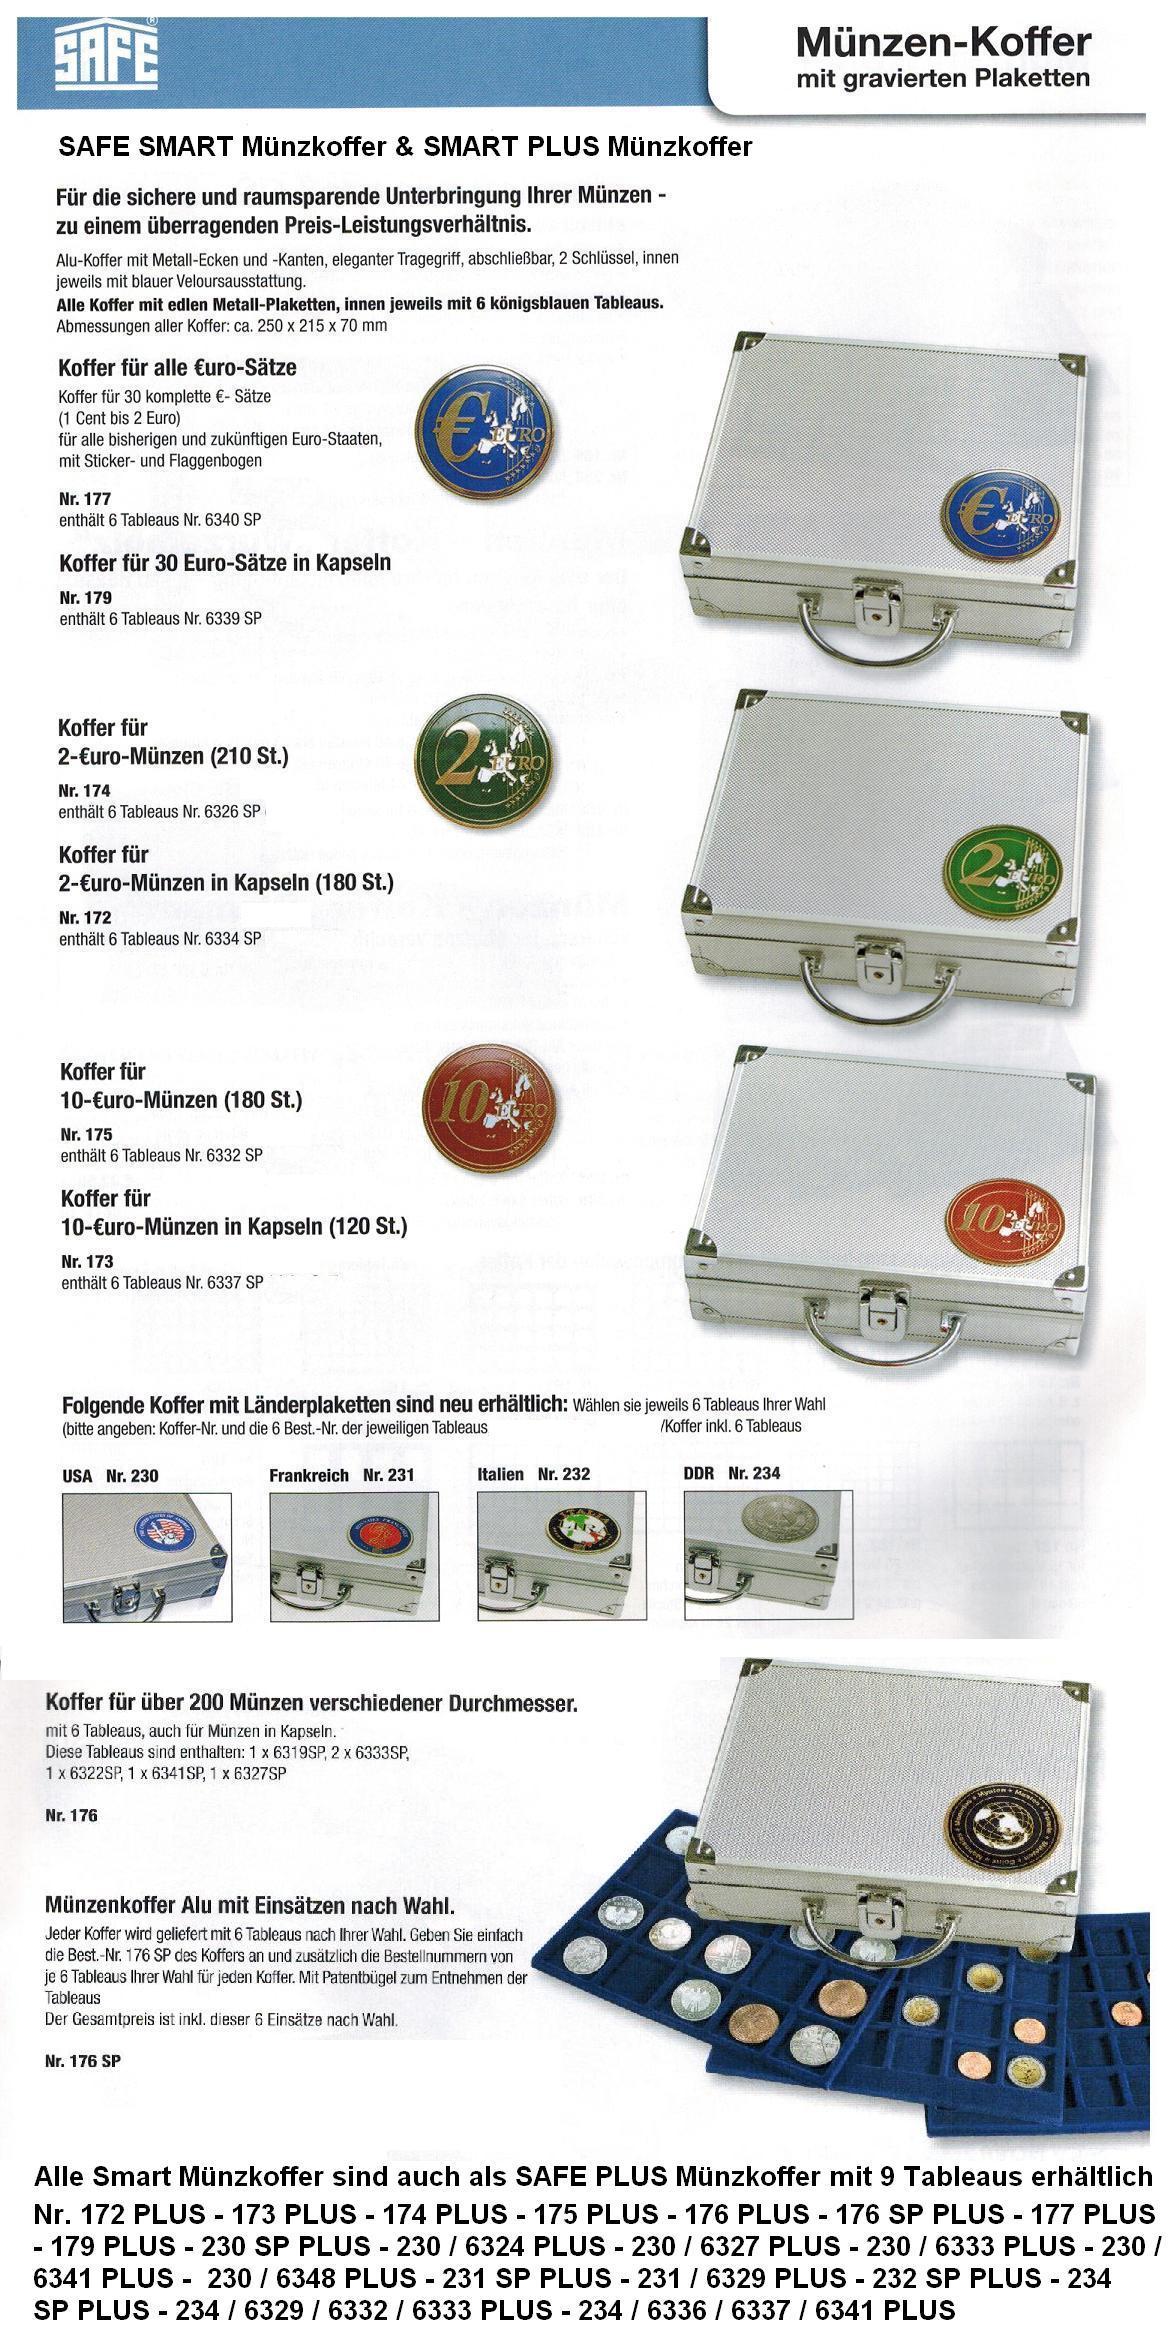 Safe 172 Plus Alu Münzkoffer 9 Tableaus 6334 Für 270 Münzen Bis 32